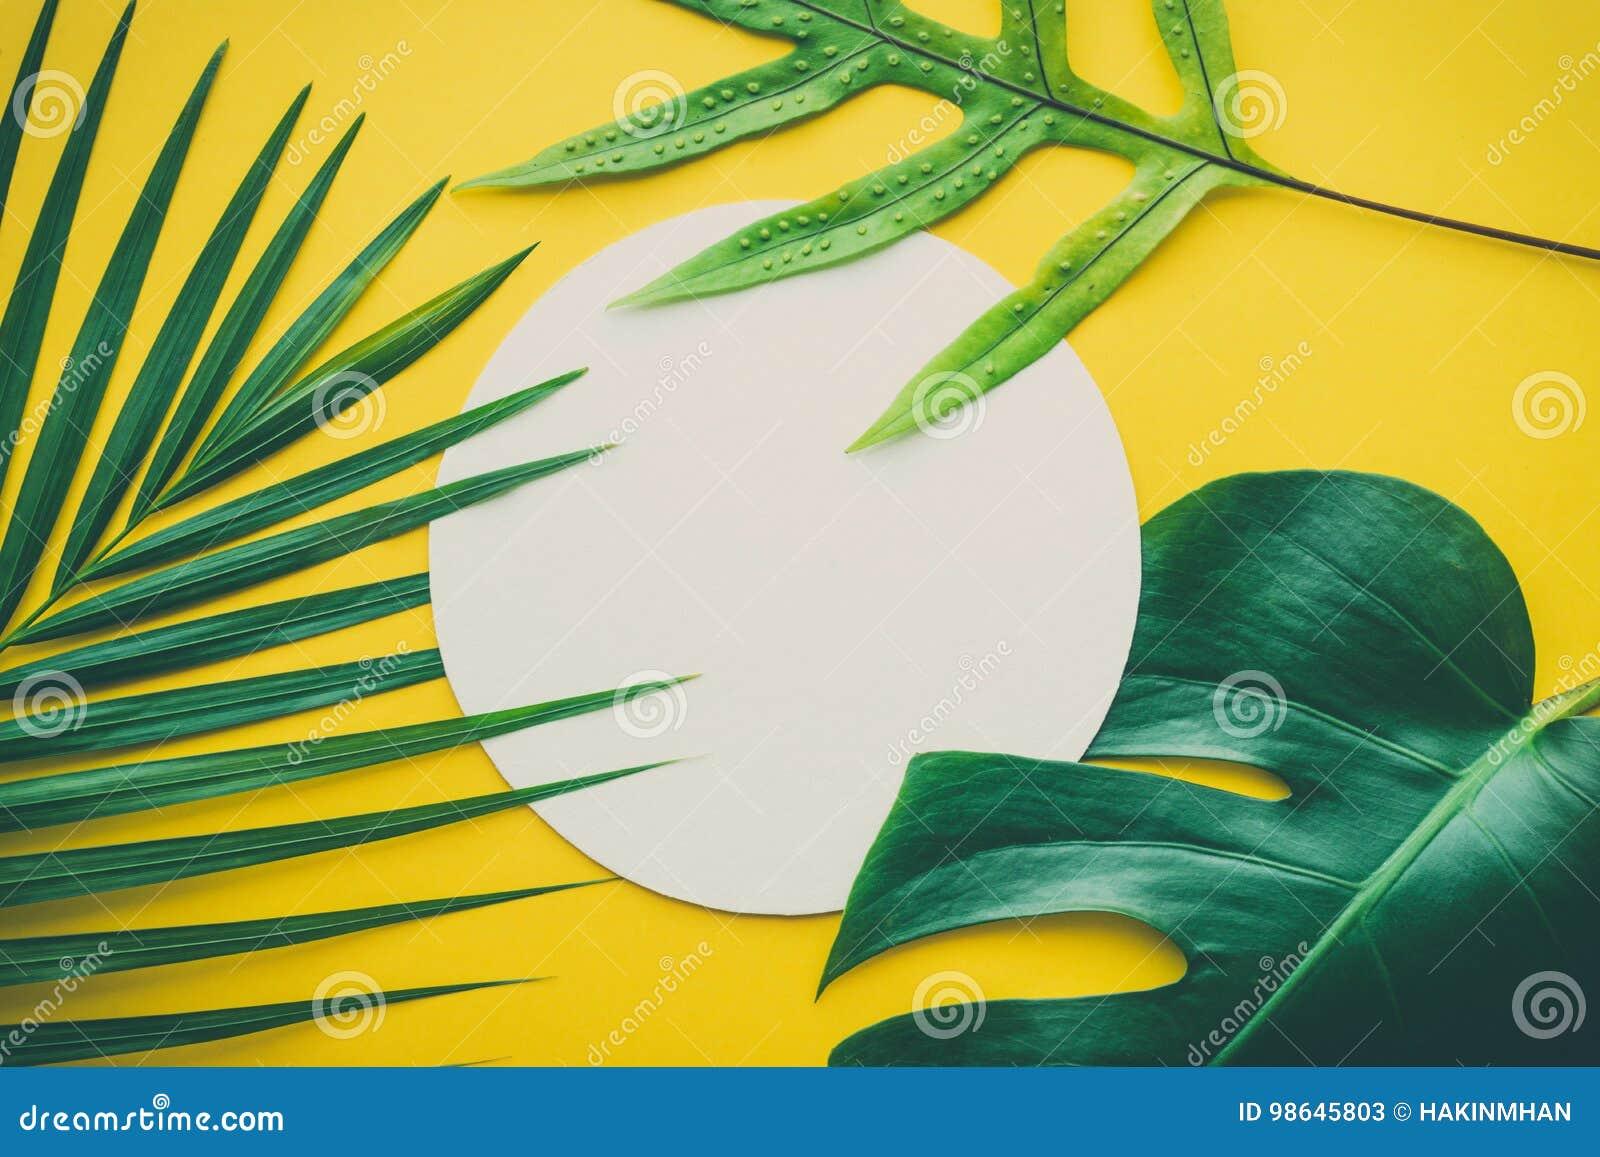 Echte bladeren met witte exemplaar ruimteachtergrond Tropische Botanisch